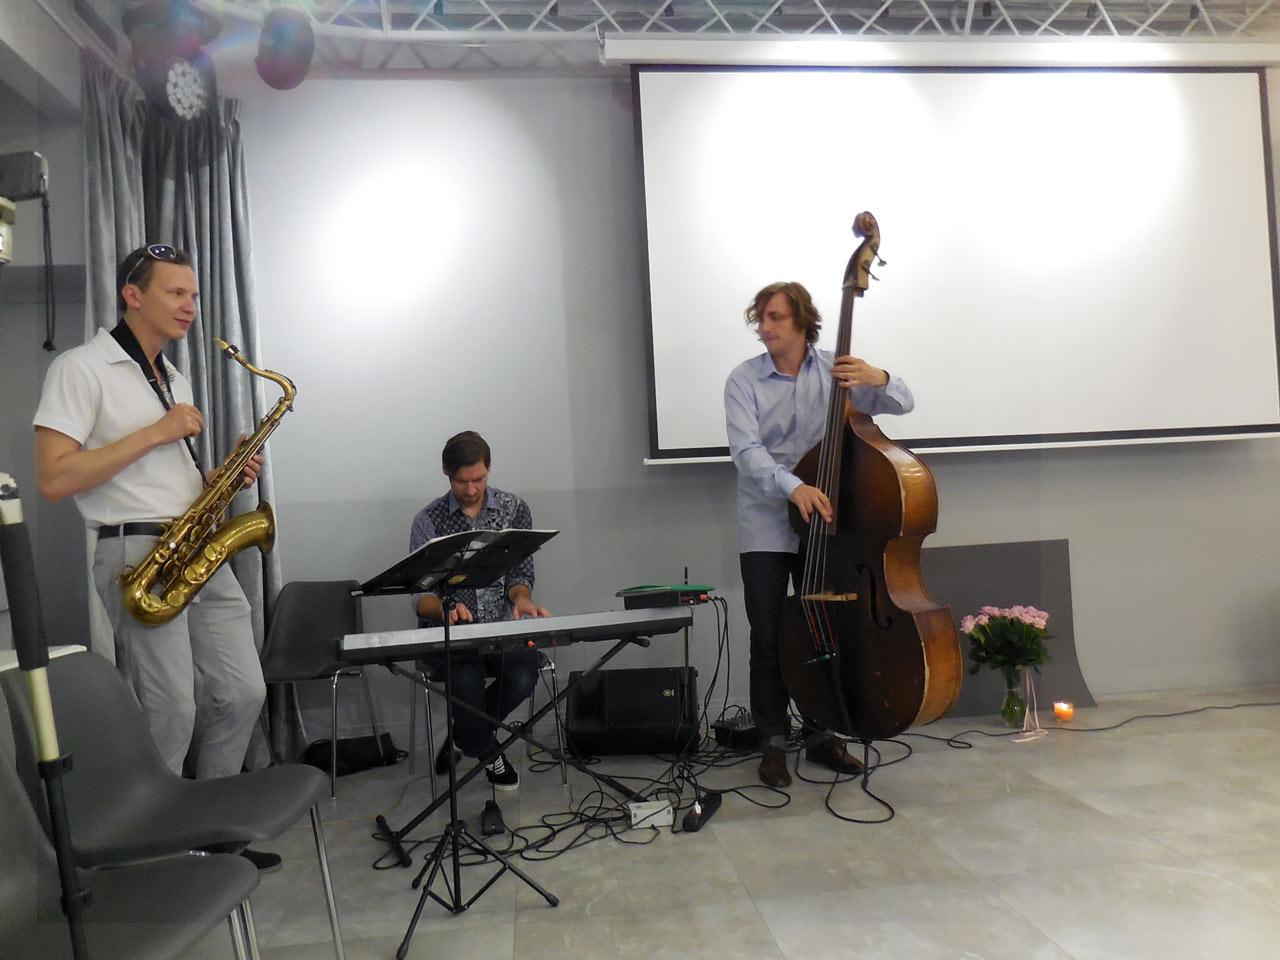 Трио с саксофоном, контрабасом и клавишным инструментов